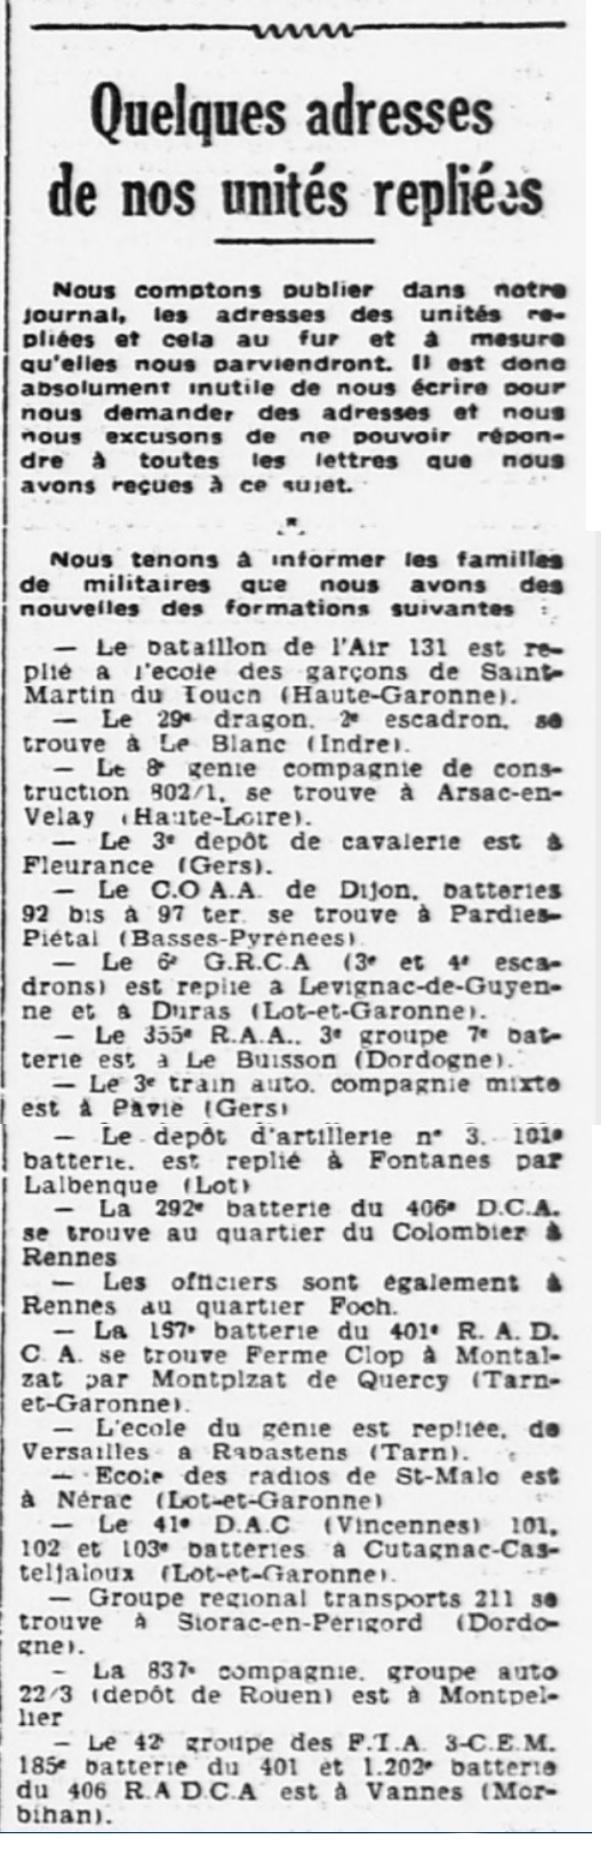 Liste des centres de repli des unités françaises 19400723